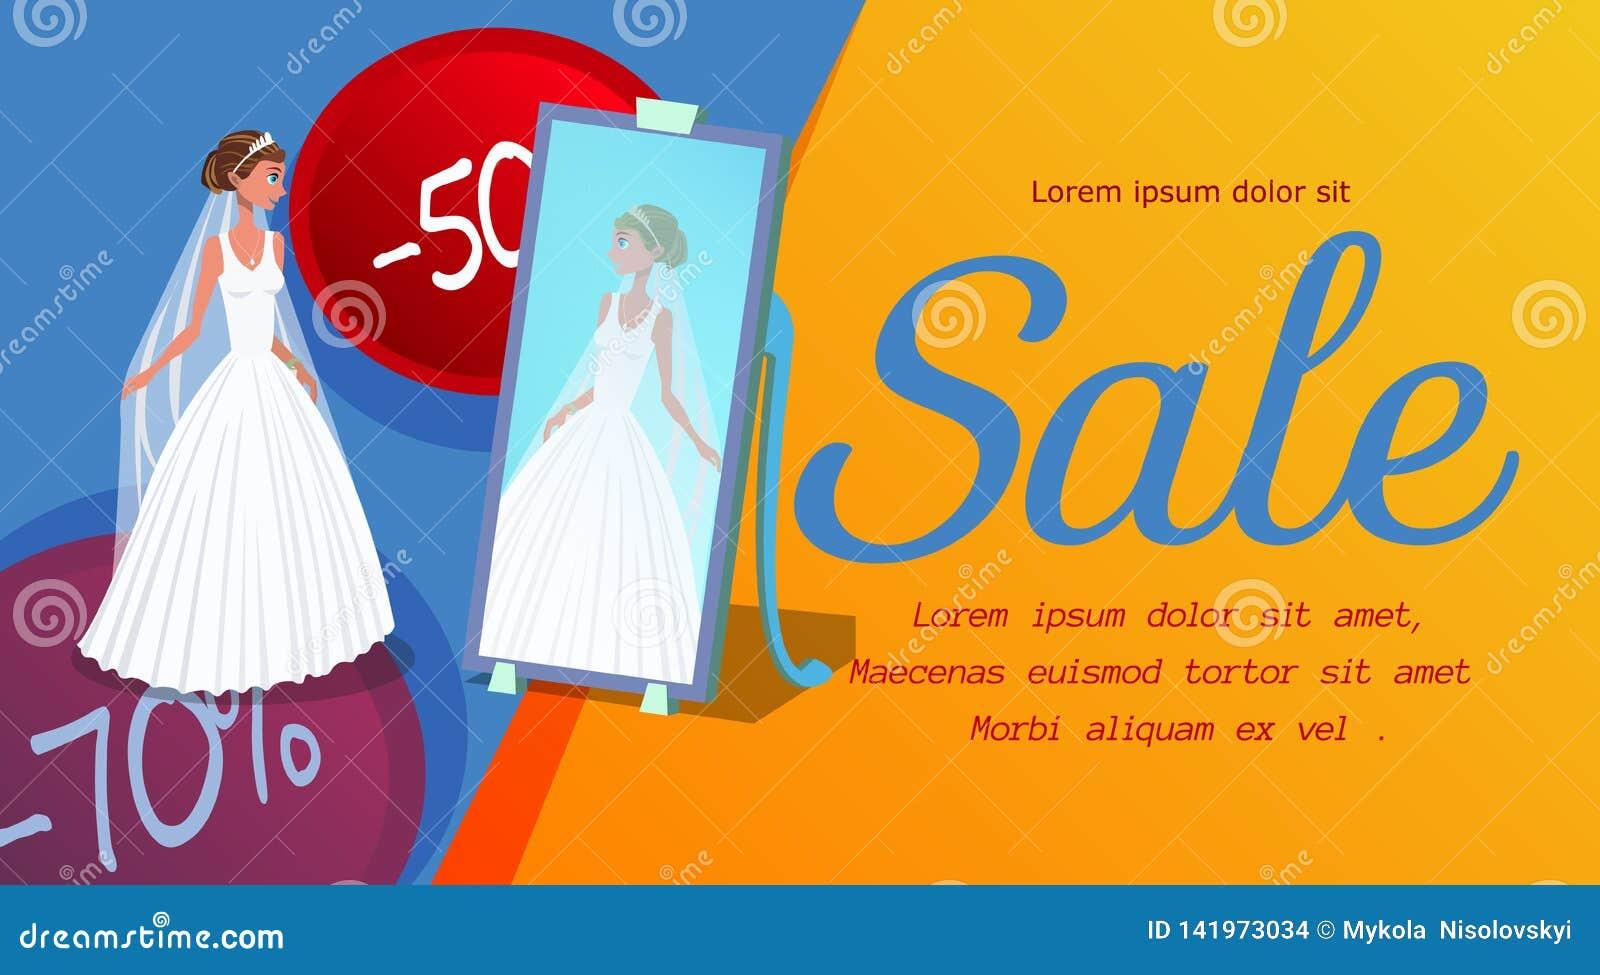 Wedding Salon Discount Banner Vector Template Stock Vector ...